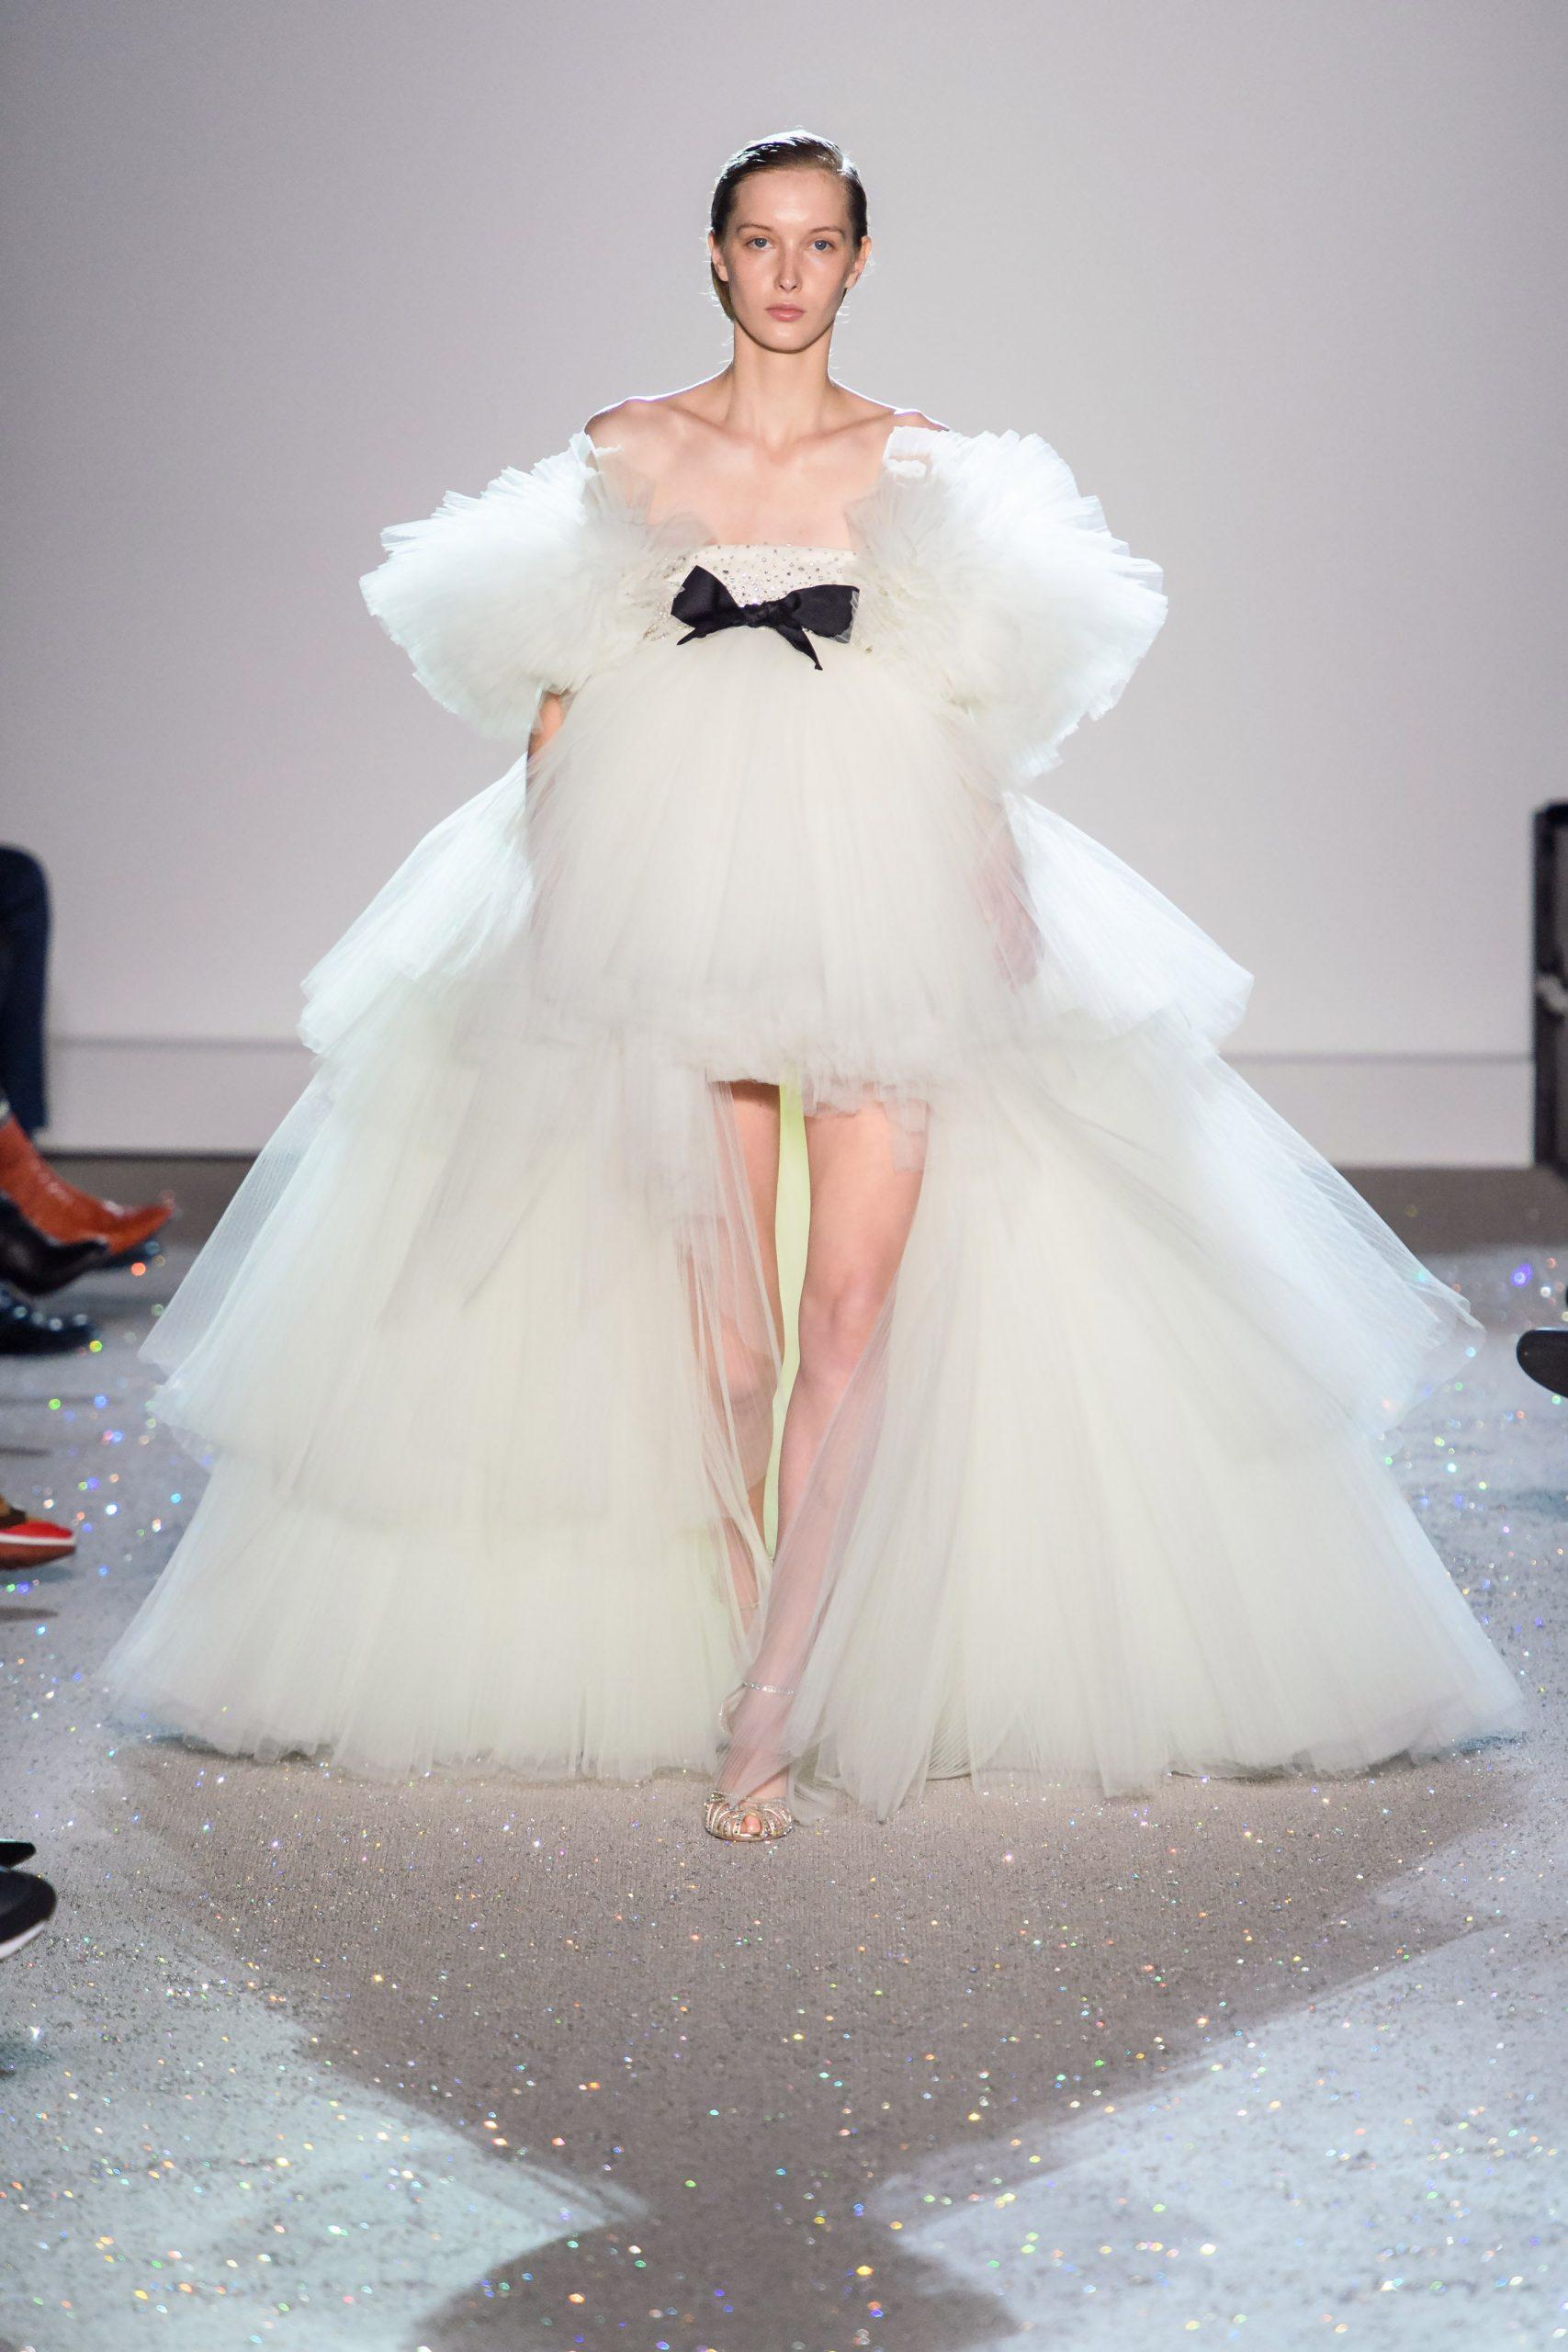 Vestidos de novia Giambattista Valli, vestidos de novia alta costura Giambattista Valli - Wedding Hub - 026